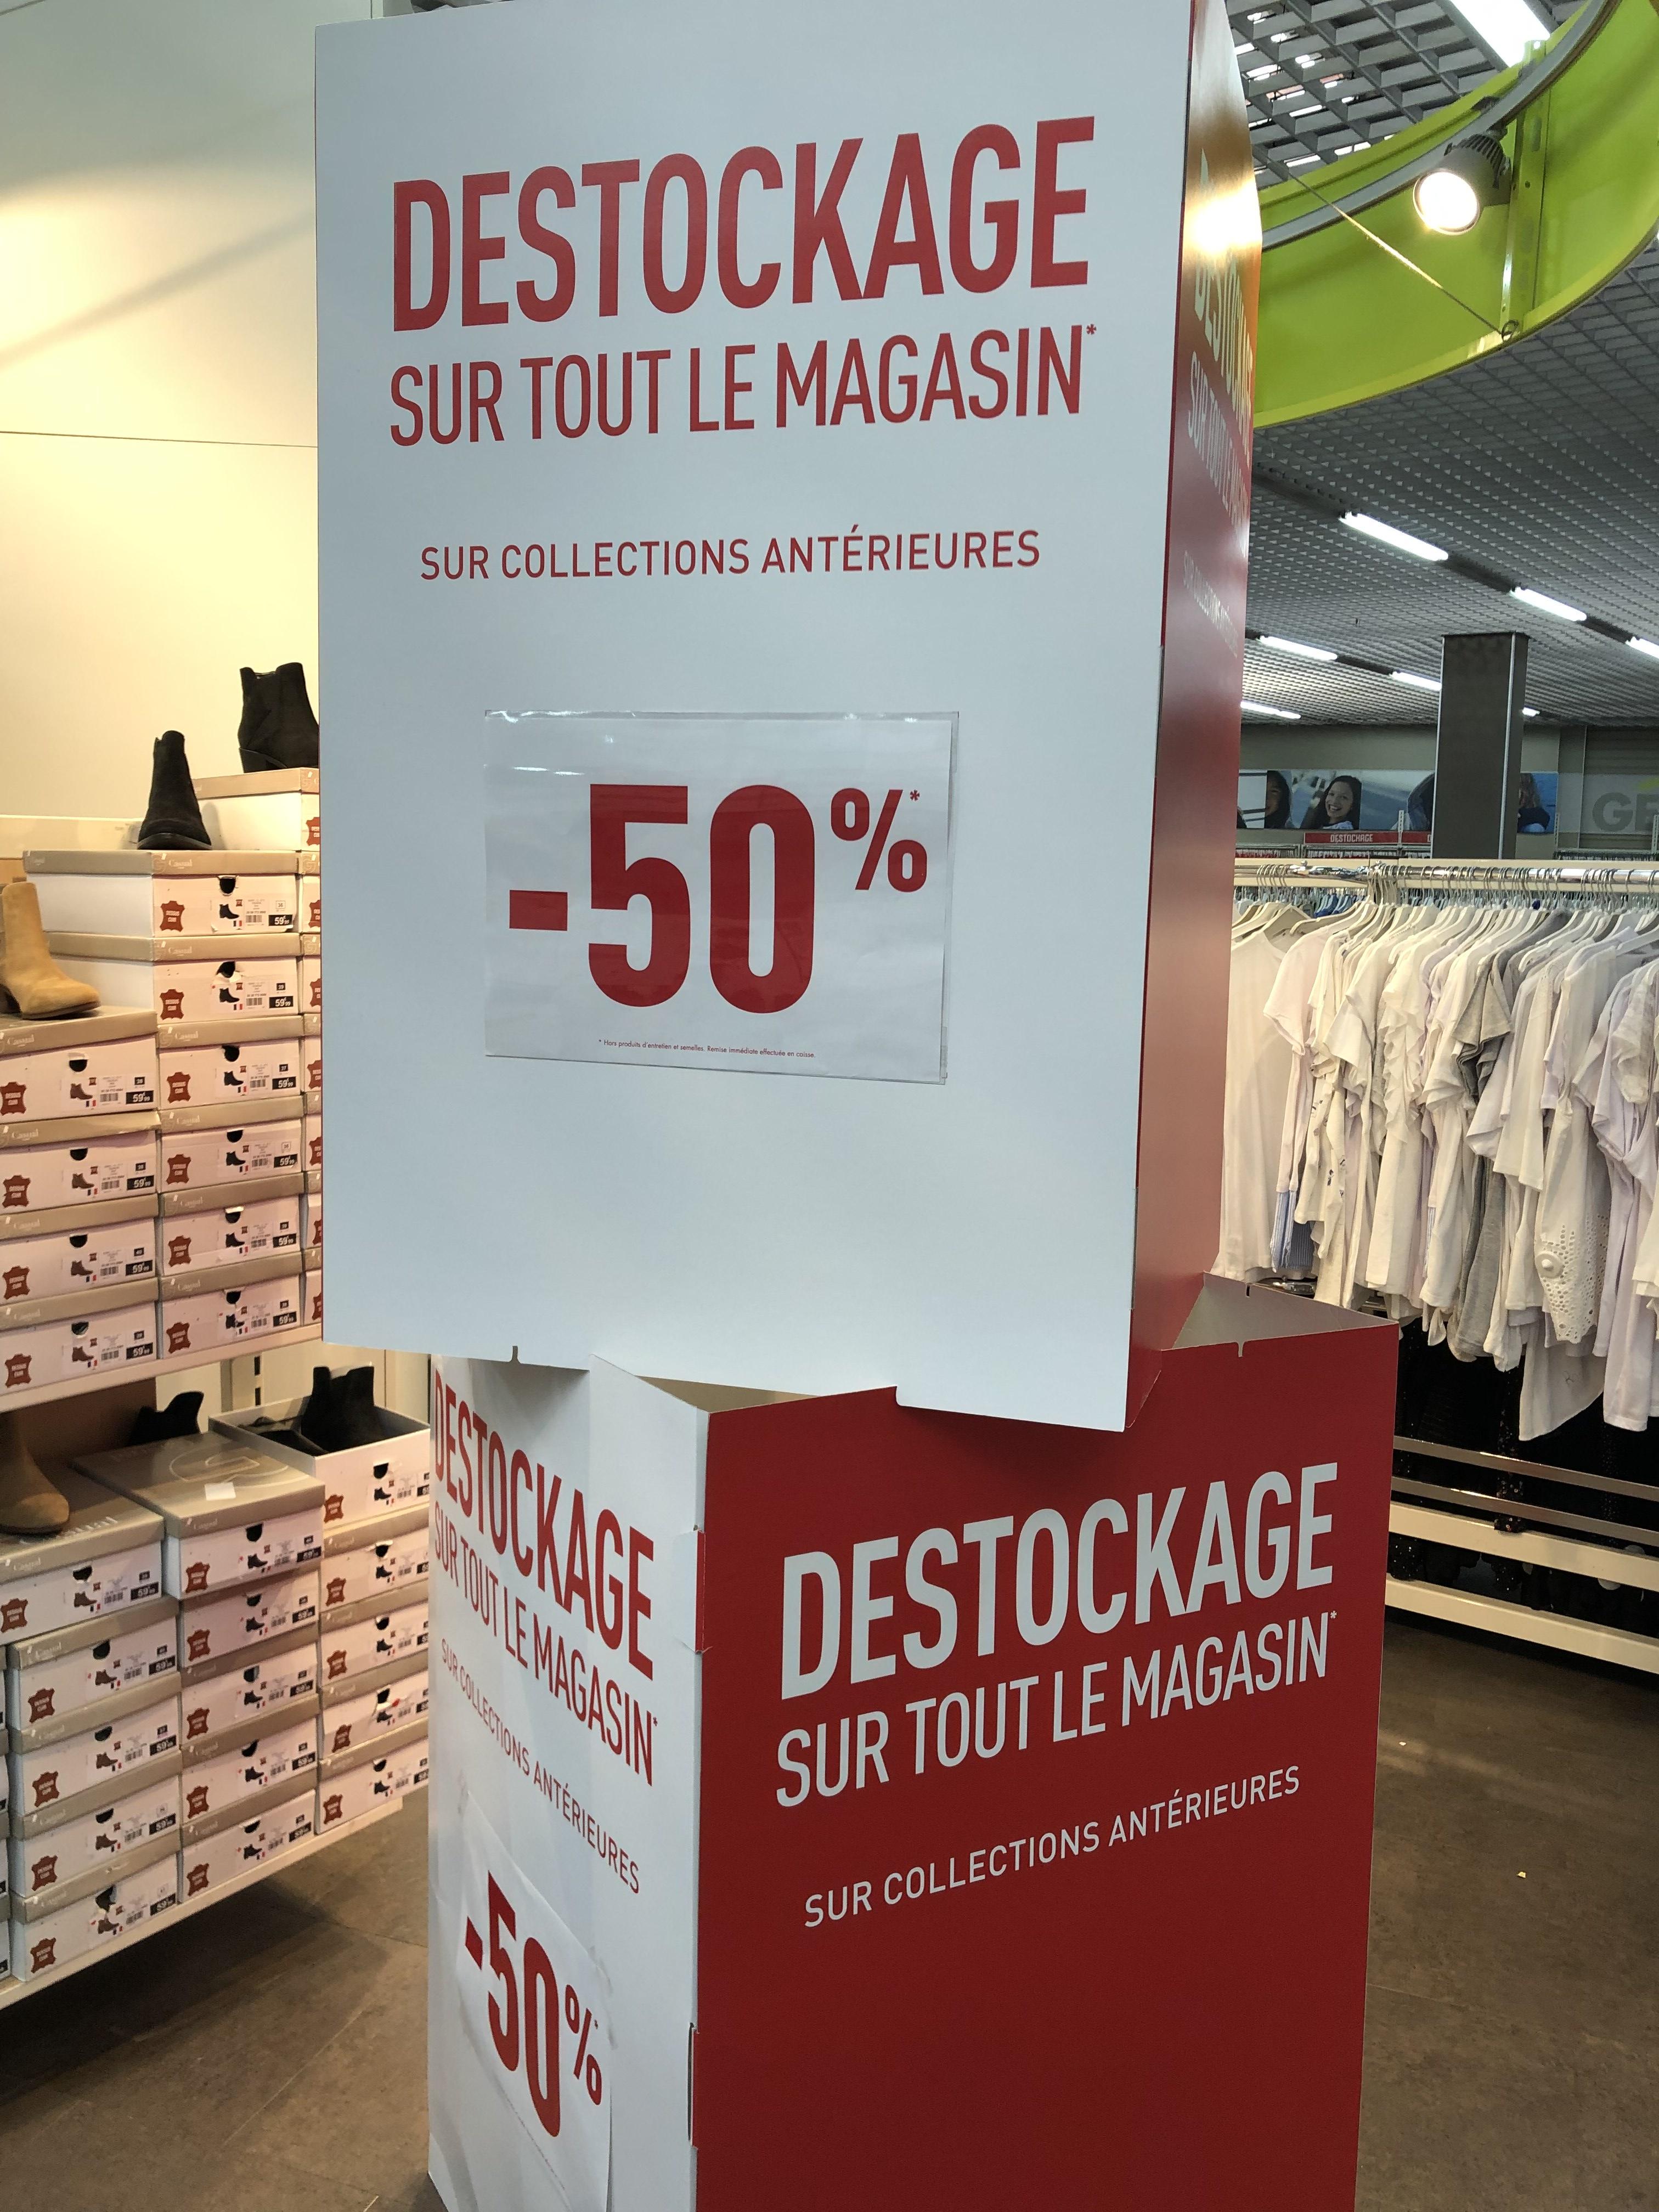 50% de réductions sur les collections antérieures - Tourcoing (59)